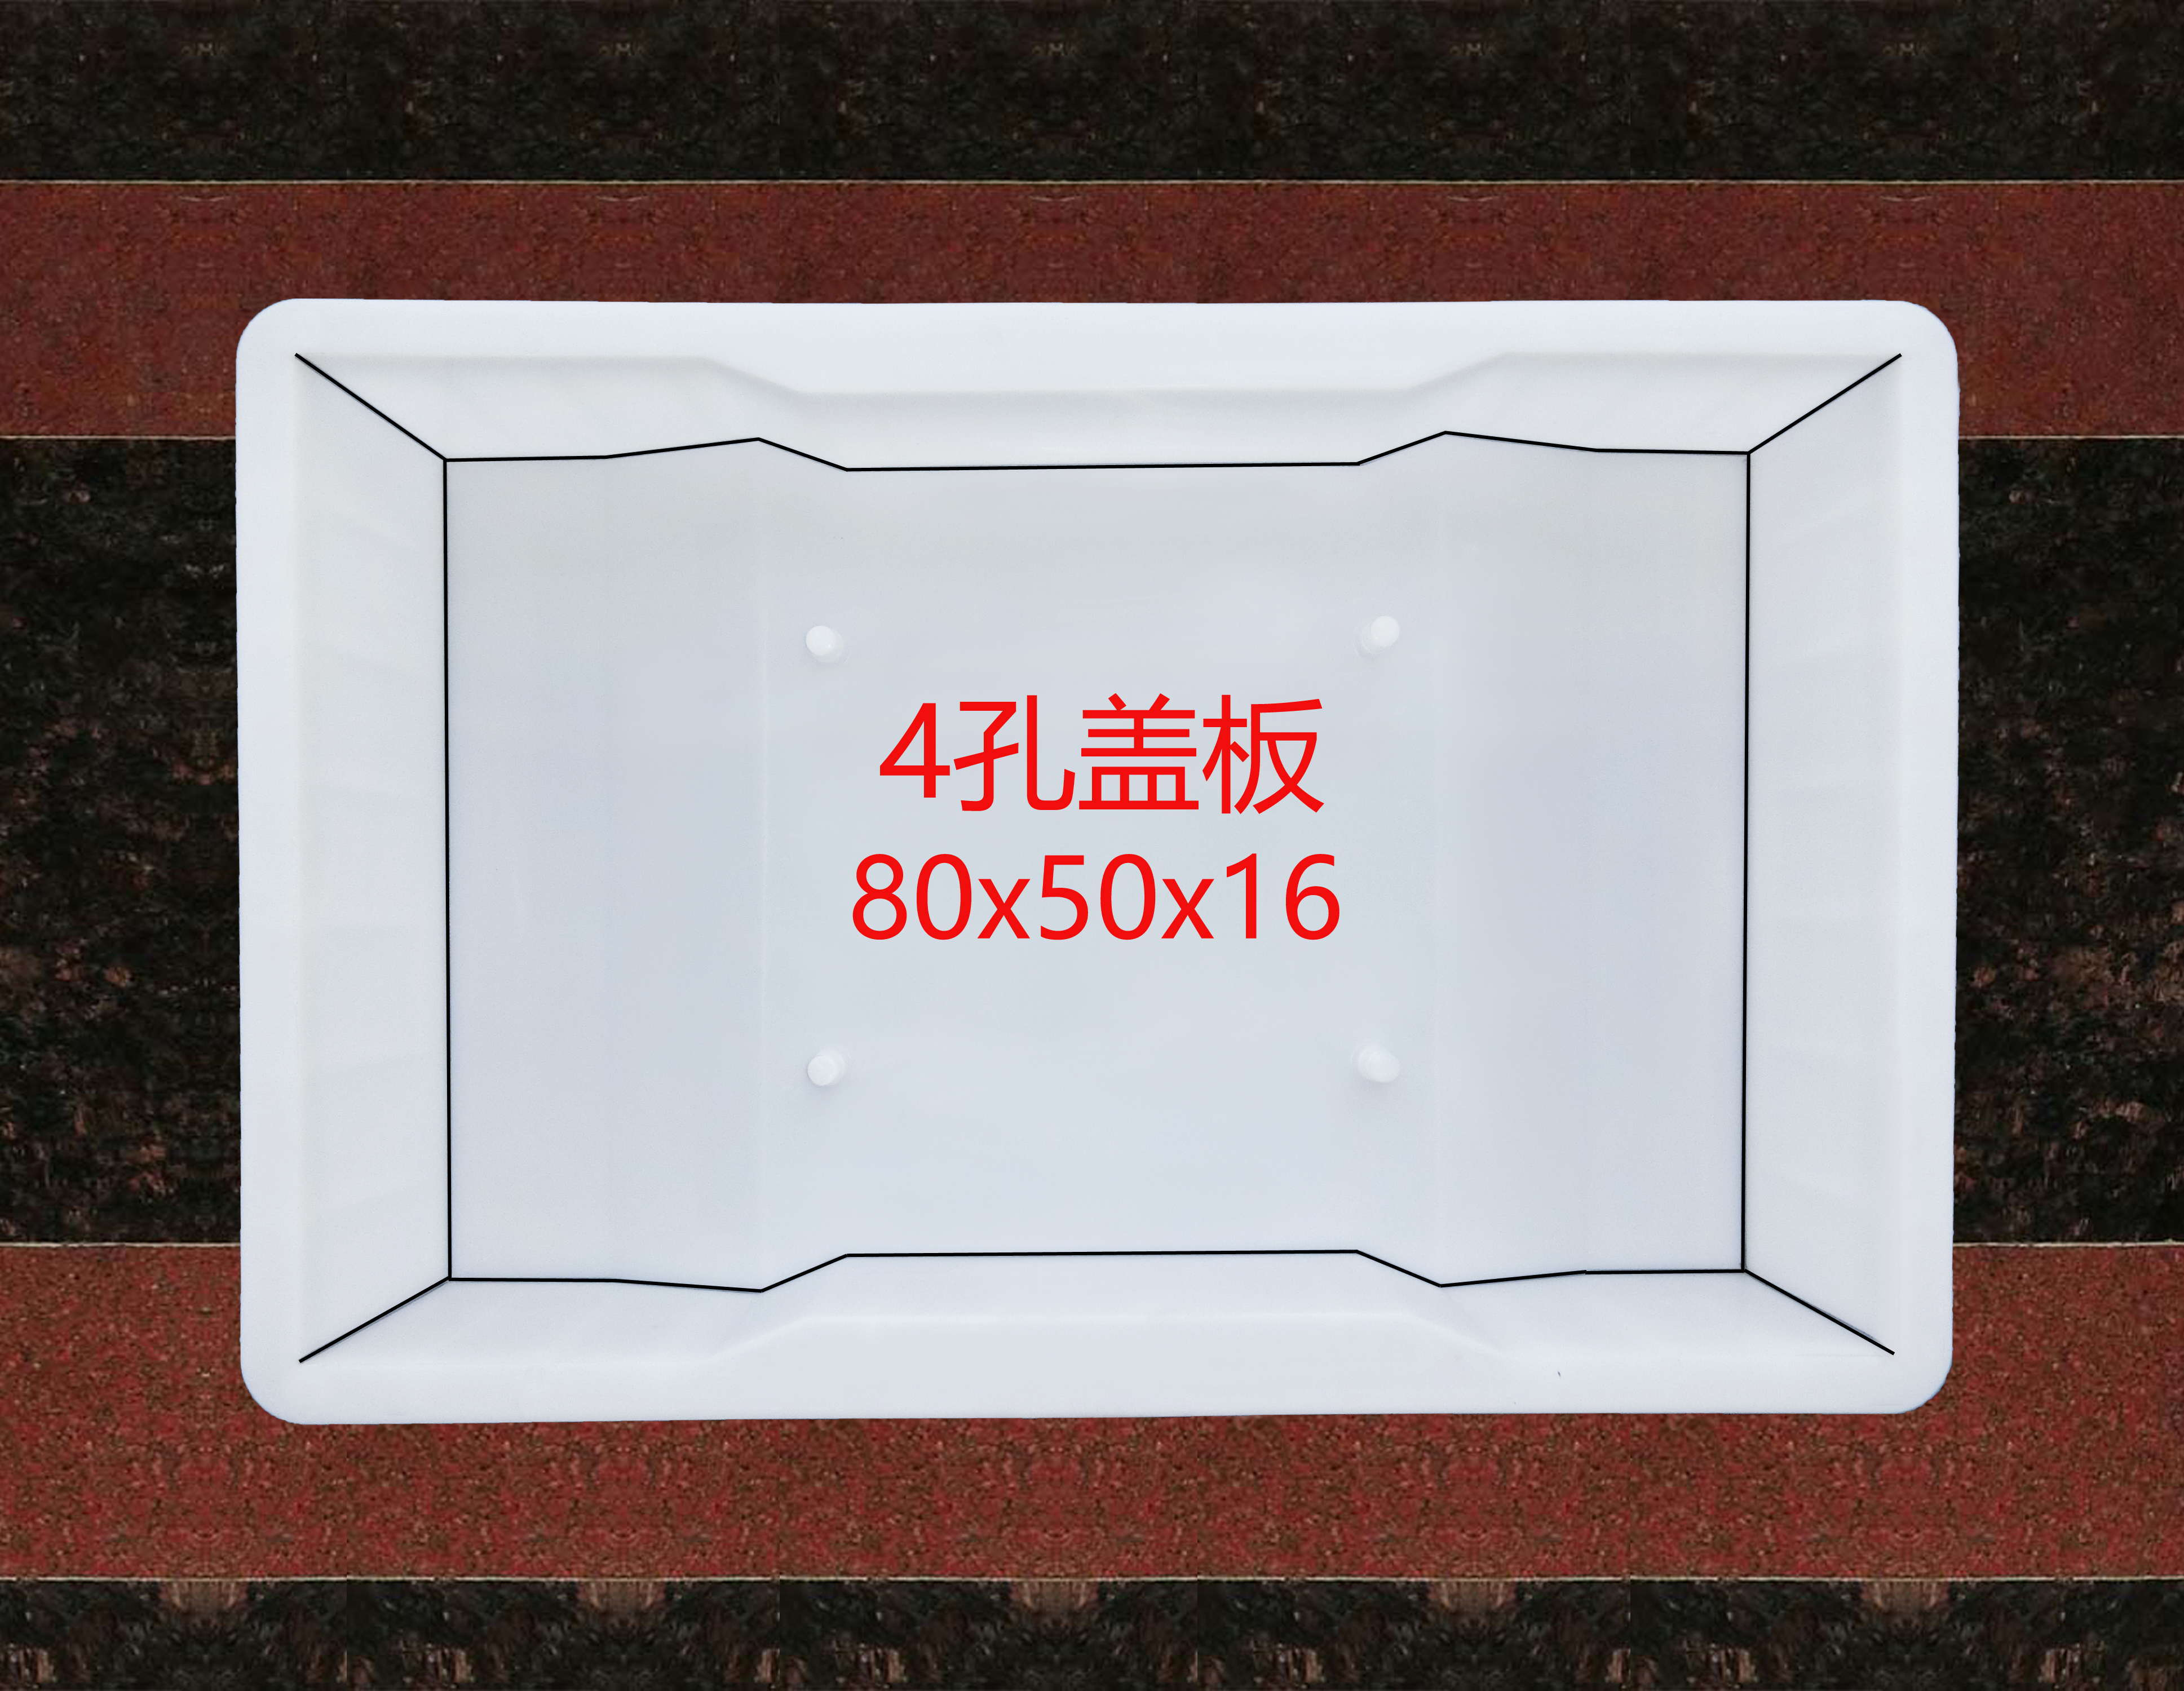 4孔盖板:80x50x16